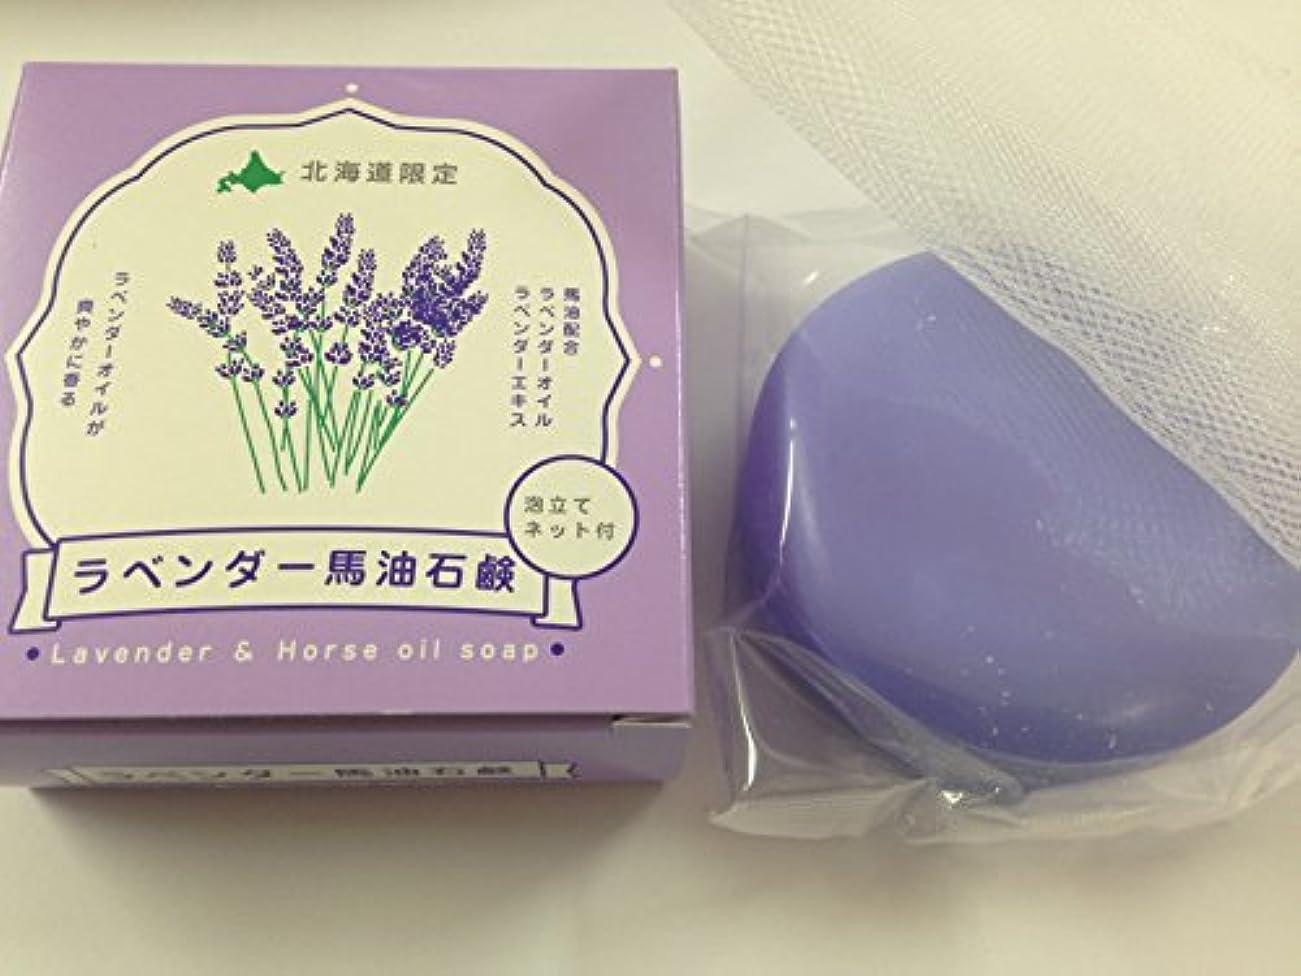 しょっぱい中級巡礼者ラベンダー馬油石けん?泡立てネット付き 100g ?Lavender & Horse oil Soap